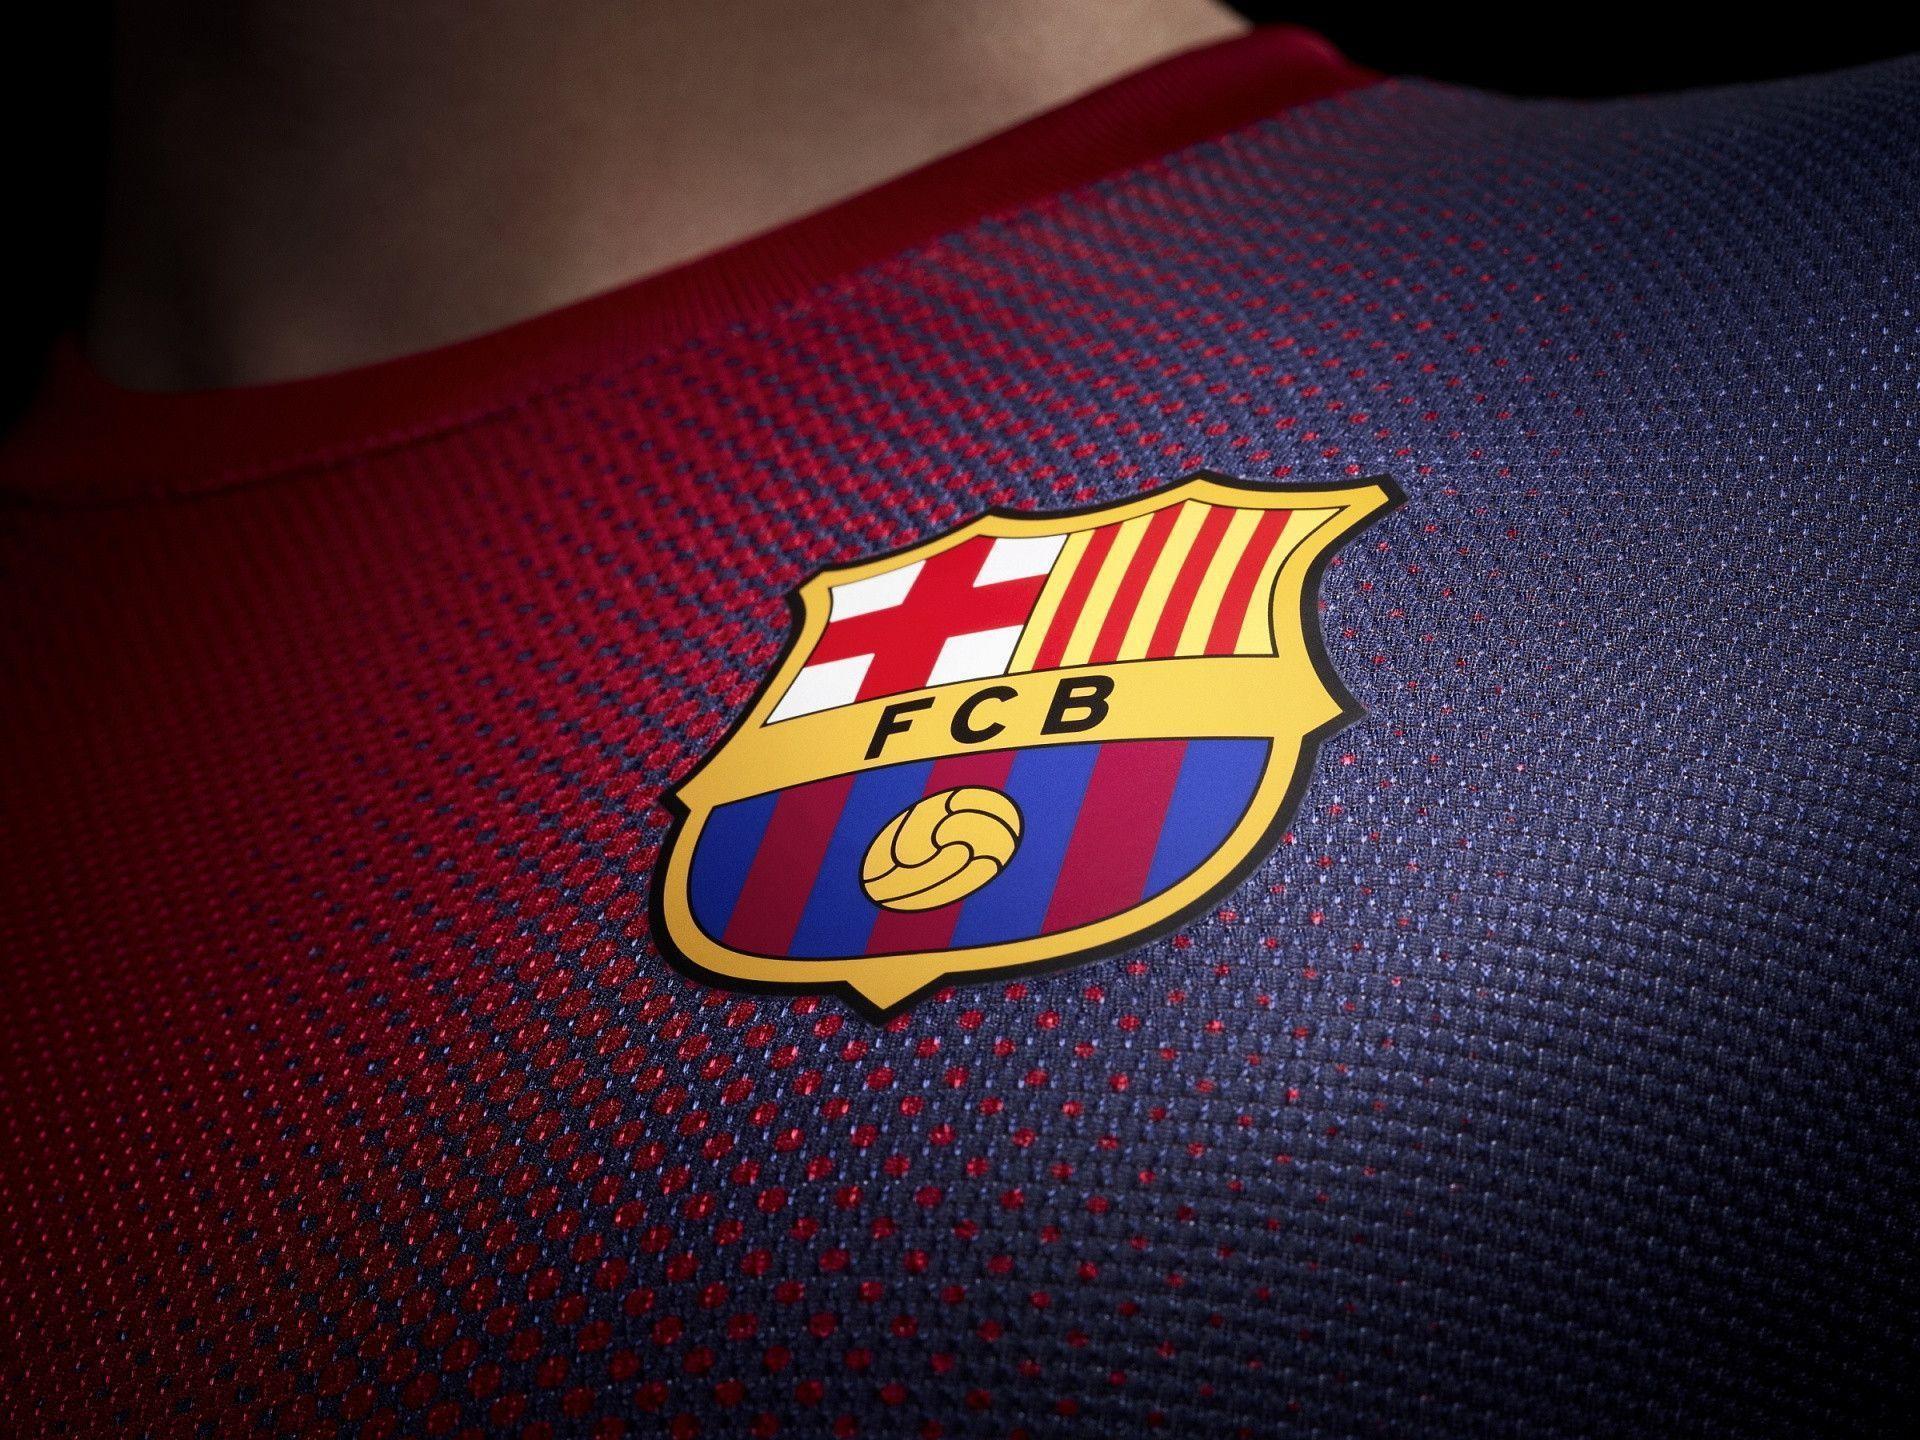 Hình nền logo Barca